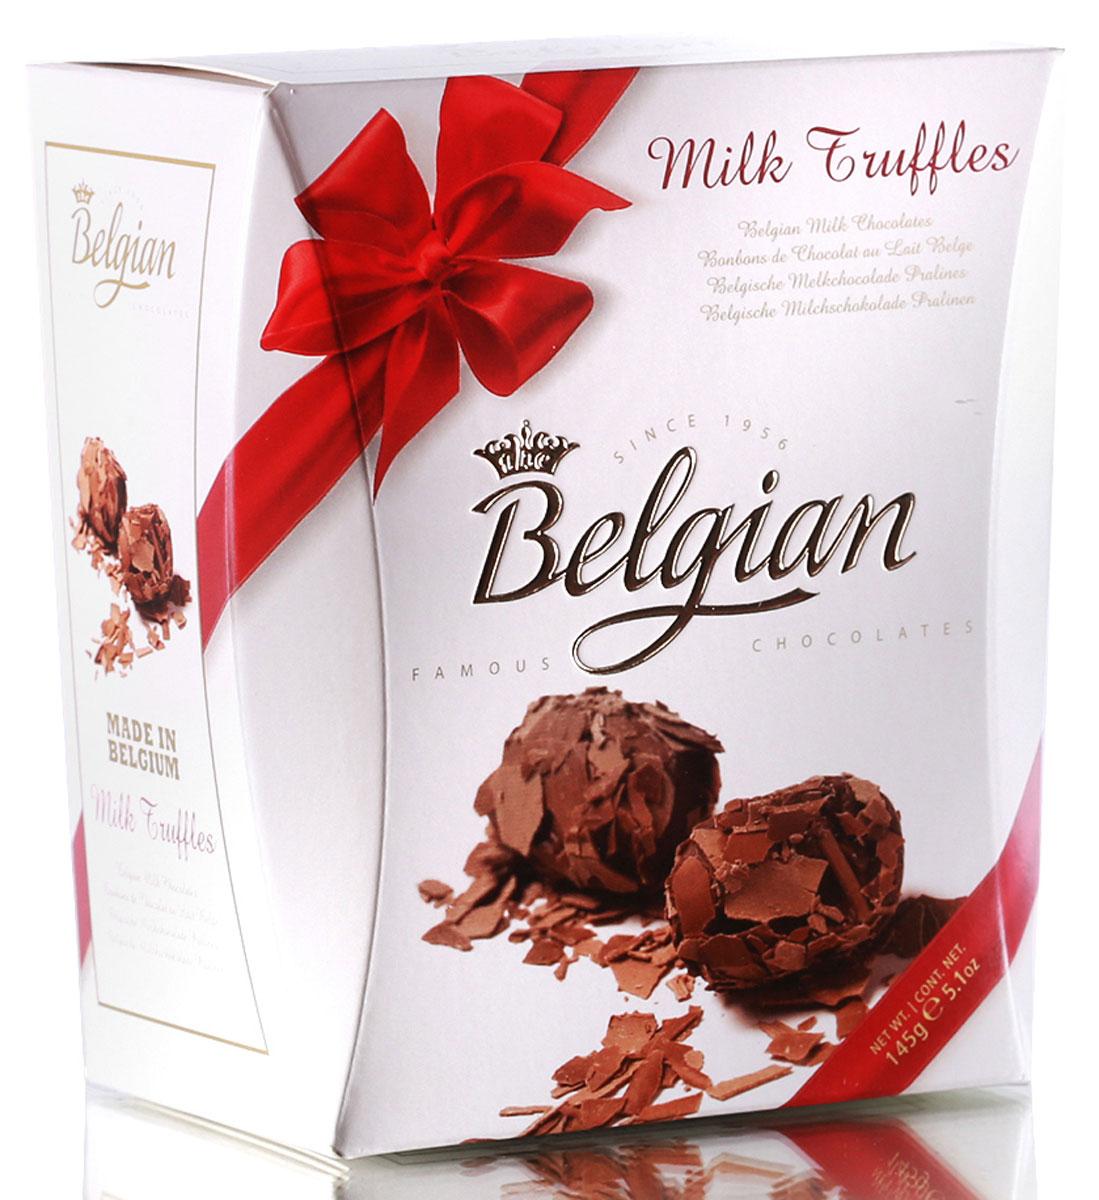 The Belgian Трюфели из молочного шоколада в хлопьях, 145 г4607013791053Трюфели очаровывают прекрасным сочетанием мягкой сливочной начинки с шелковистым вкусом хлопьев из молочного шоколада. Конфетами приятно наслаждаться в сопровождении чашечки чая, кофе или капучино. Они составят хорошую пару с какао или молоком. Трюфели можно предложить к бокалу красного или белого сухого вина, портвейну или к десертному вину.